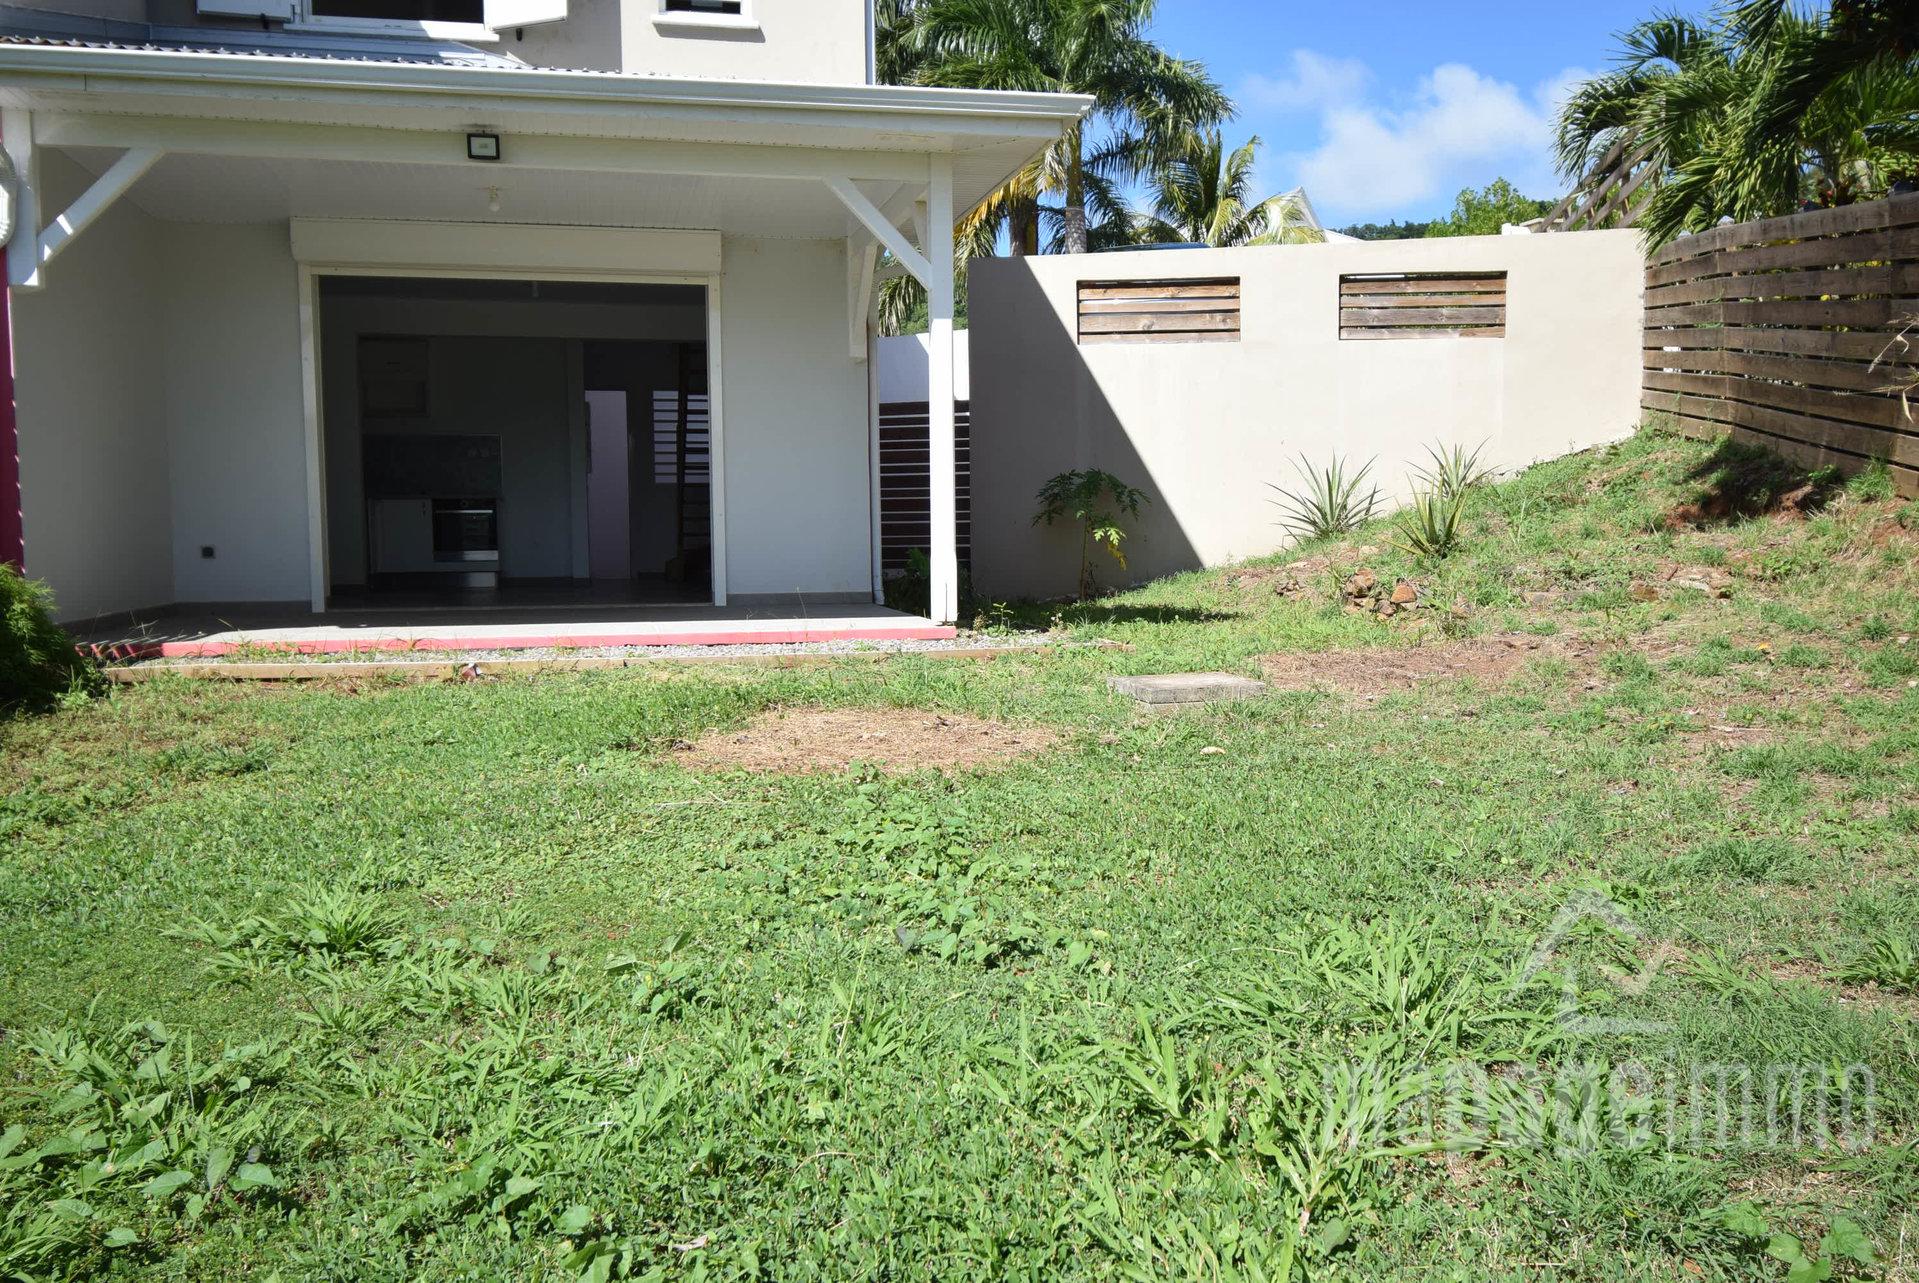 Vends maison T3 avec jardin, Le Robert